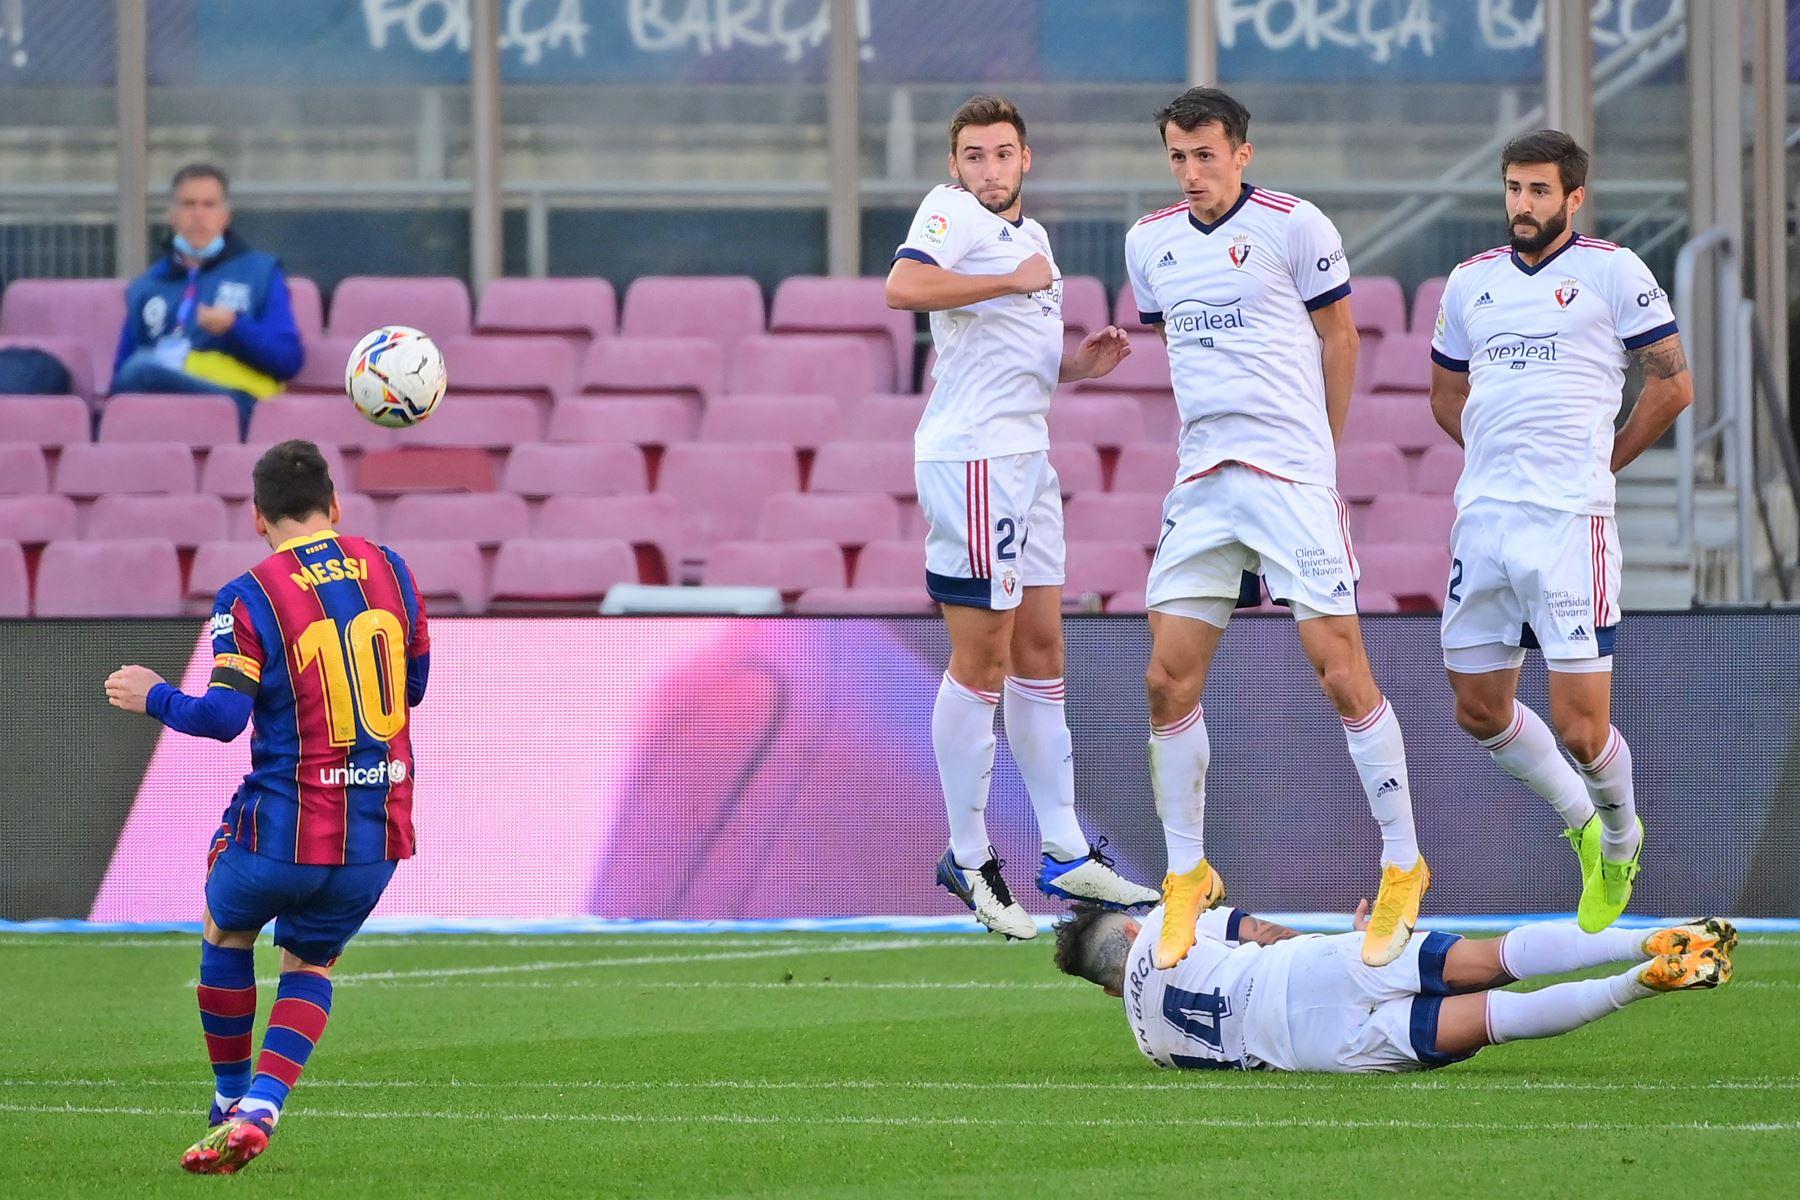 El delantero argentino del Barcelona Lionel Messi dispara el balón durante el partido de fútbol de la Liga española, en el Camp Nou. Foto: AFP